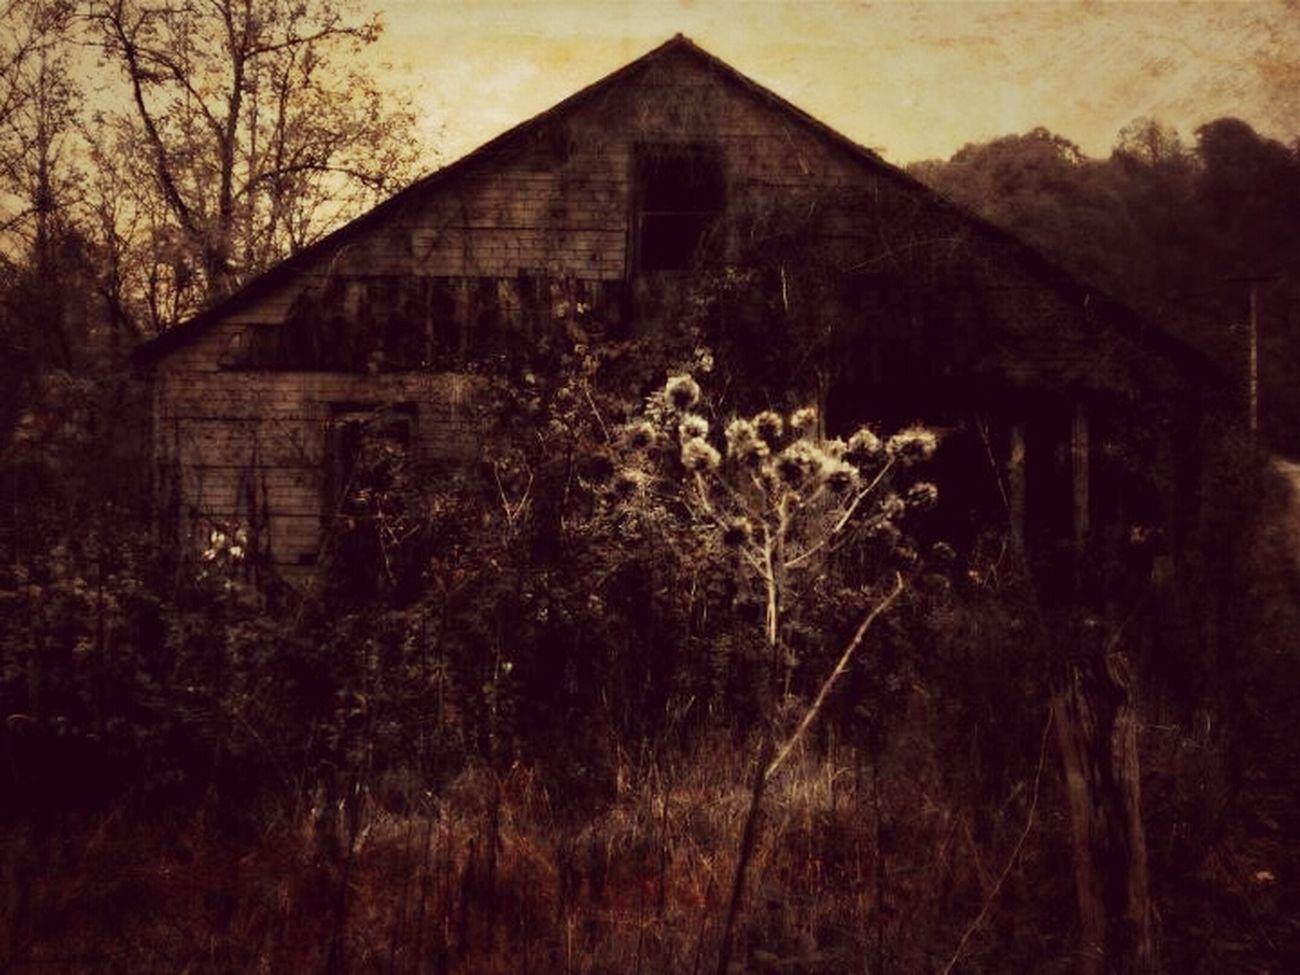 Deadplaces